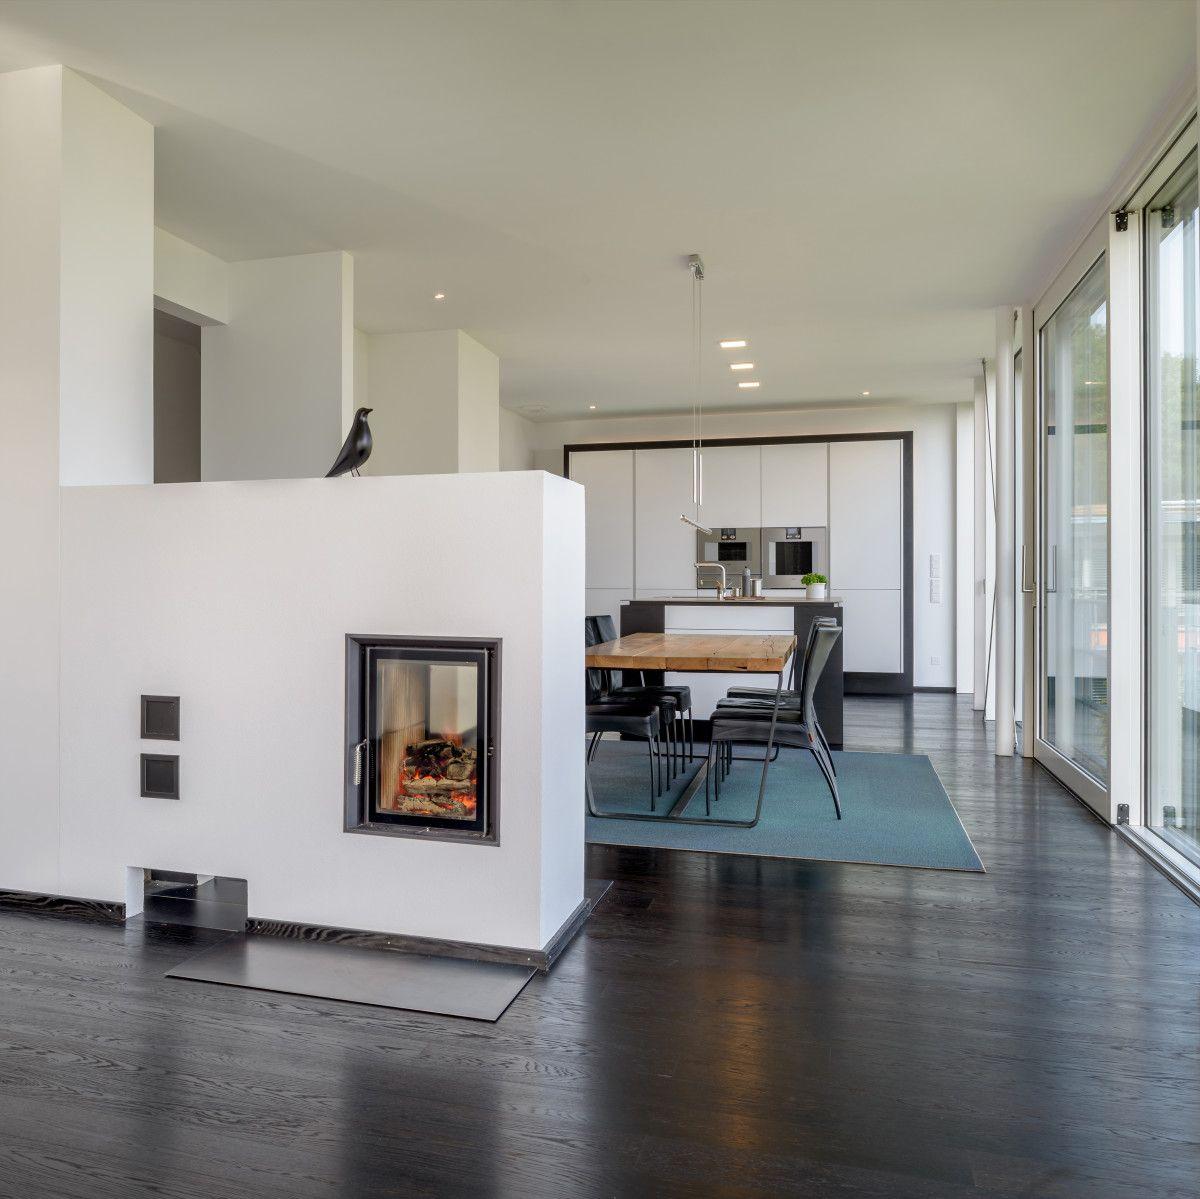 inneneinrichtung haus pawliczec von baufritz modernes wohnzimmer offen mit kamin als. Black Bedroom Furniture Sets. Home Design Ideas